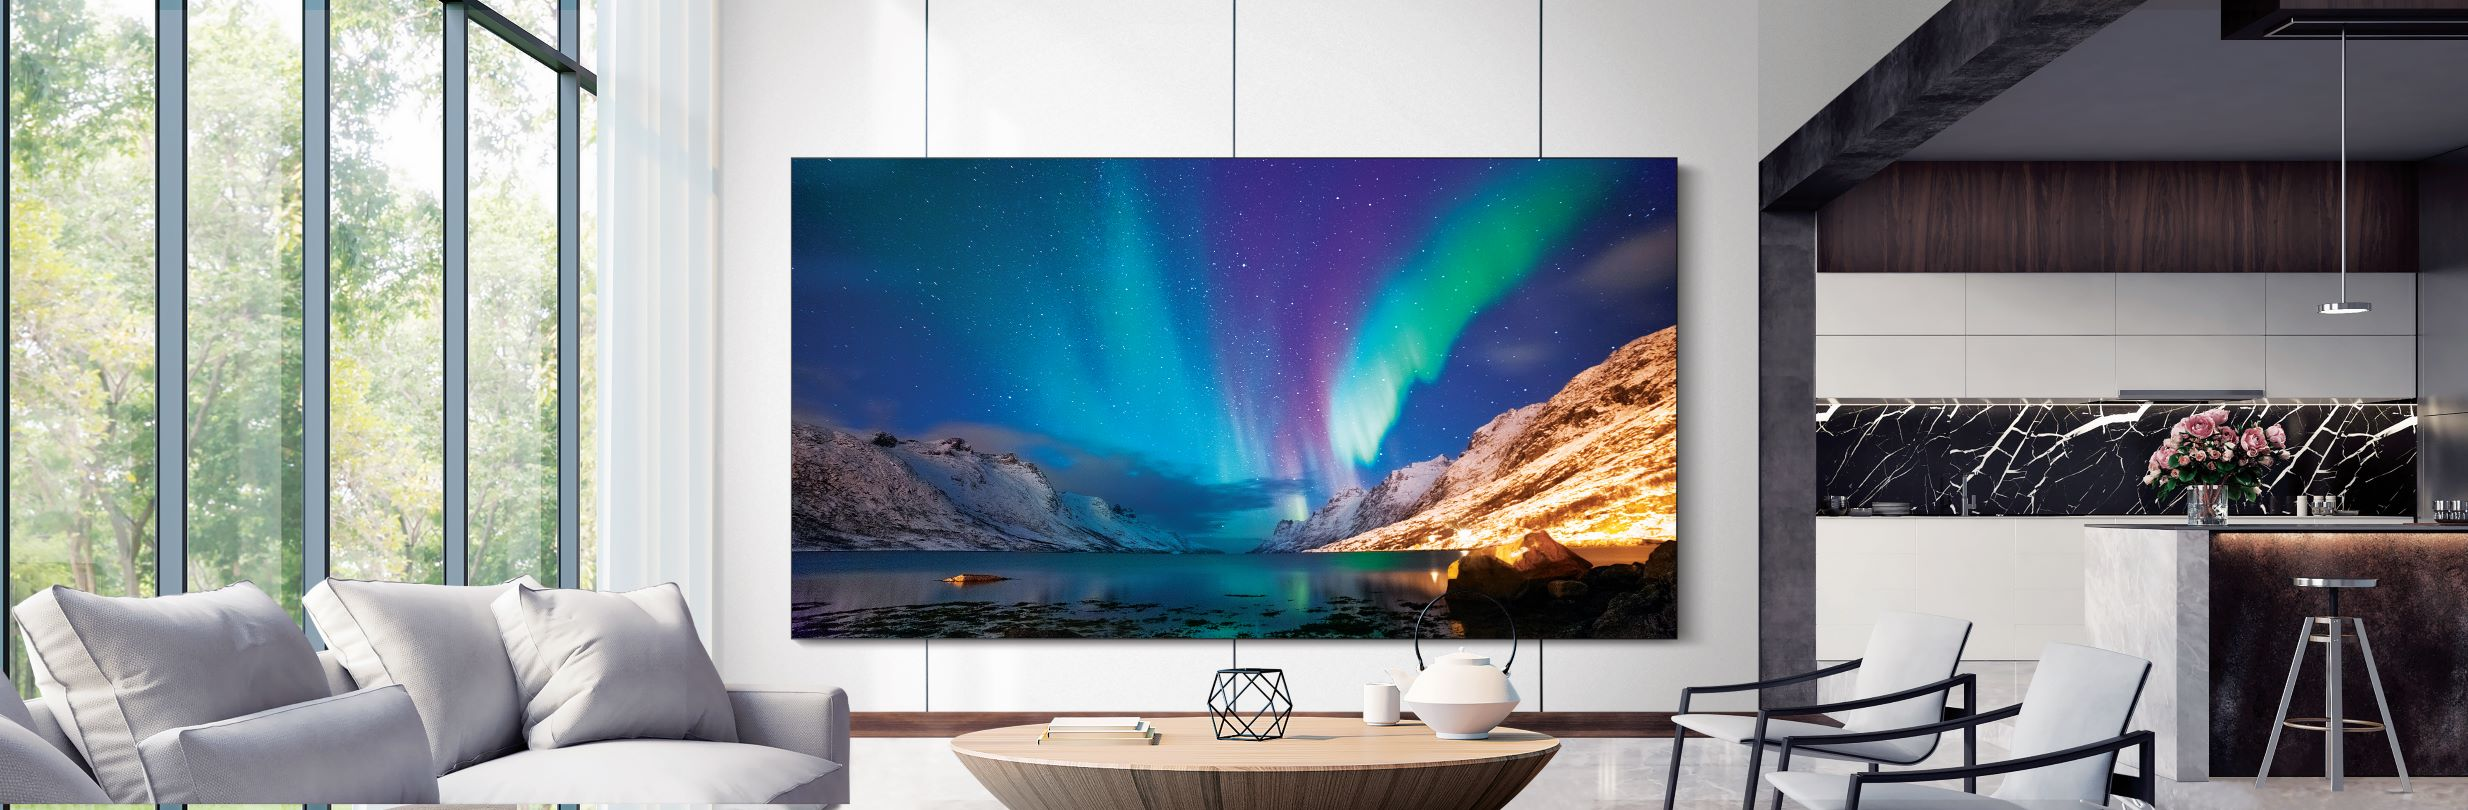 Новая линейка телевизоров от Samsung: доступность и экологичность